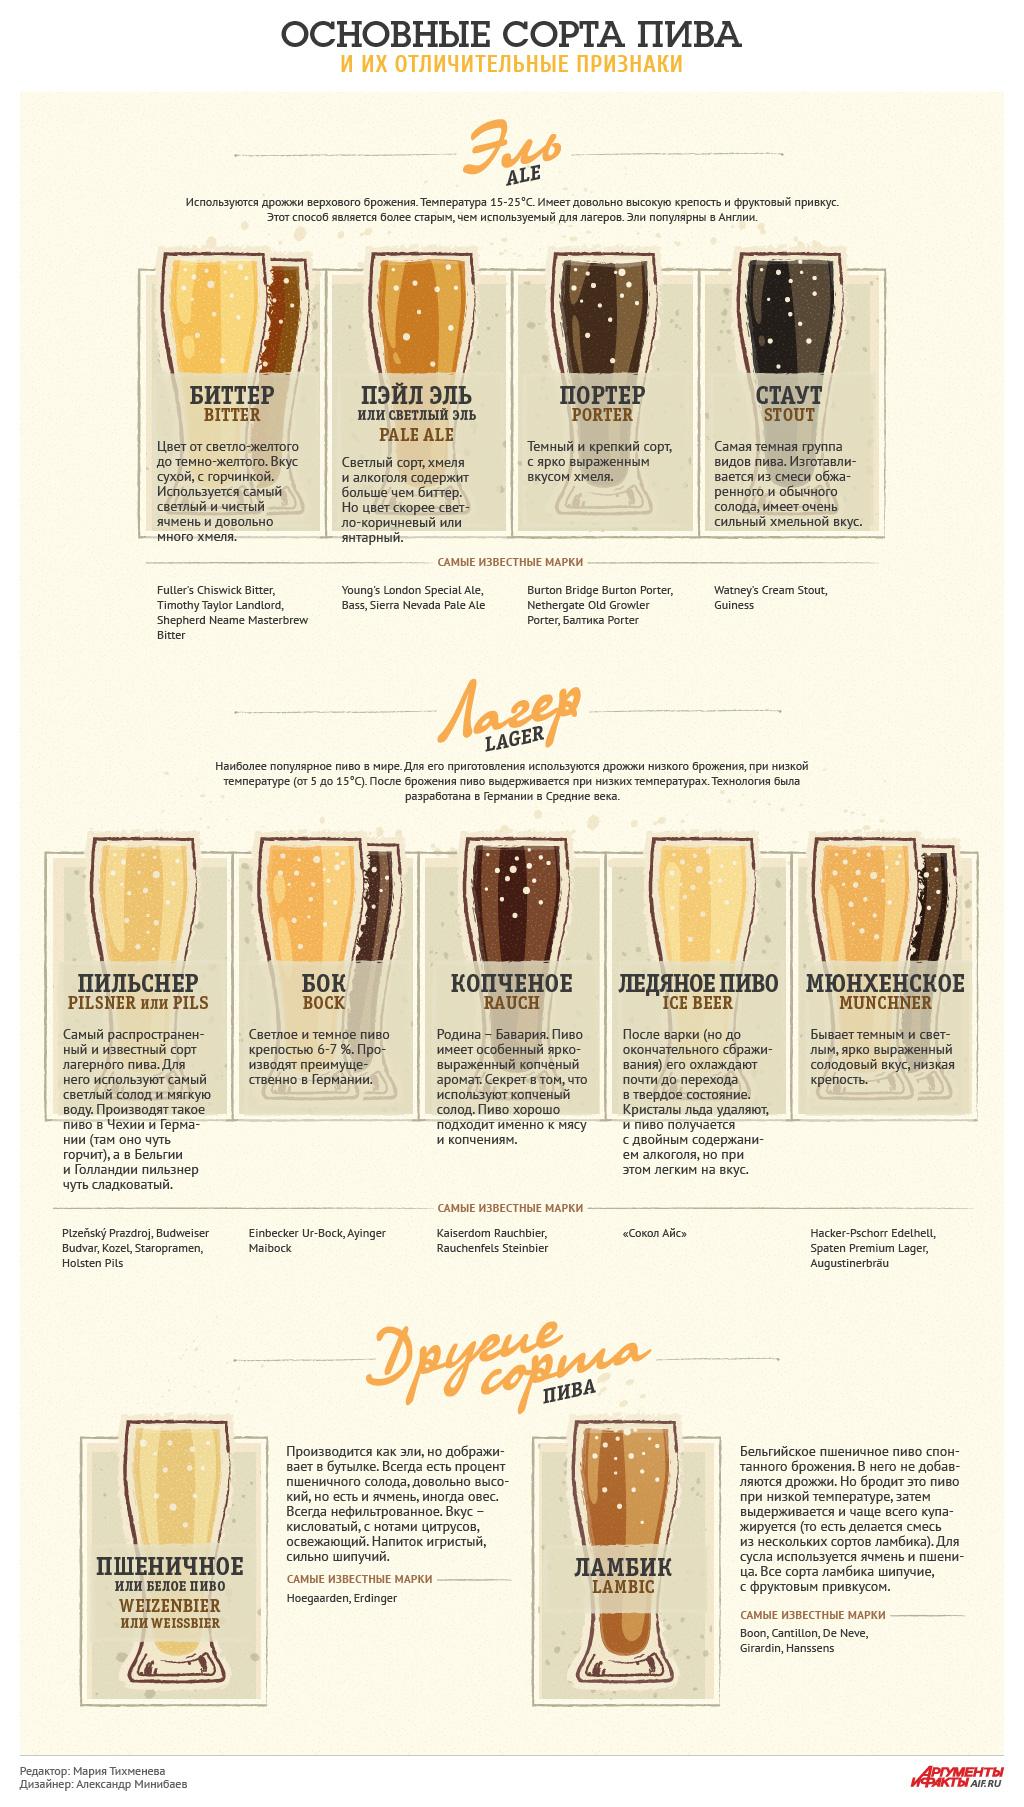 коассификатор видов продукции пиво храм, имеющий